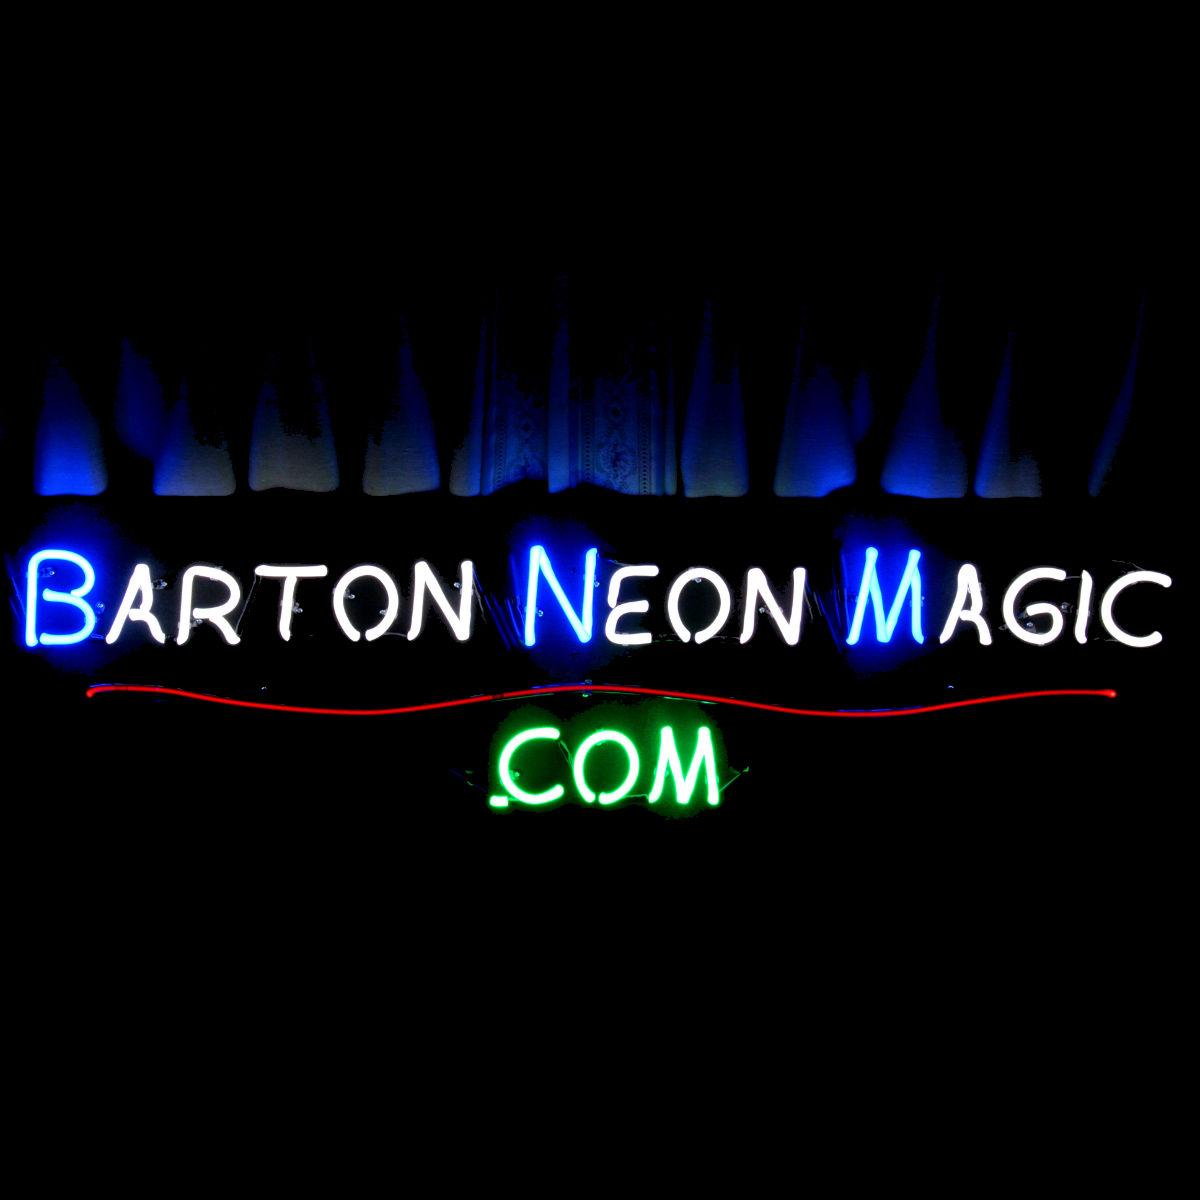 Designer Neon Light Sculptures by John Barton - Famous USA Neon Glass Artist - BartonNeonMagic.com